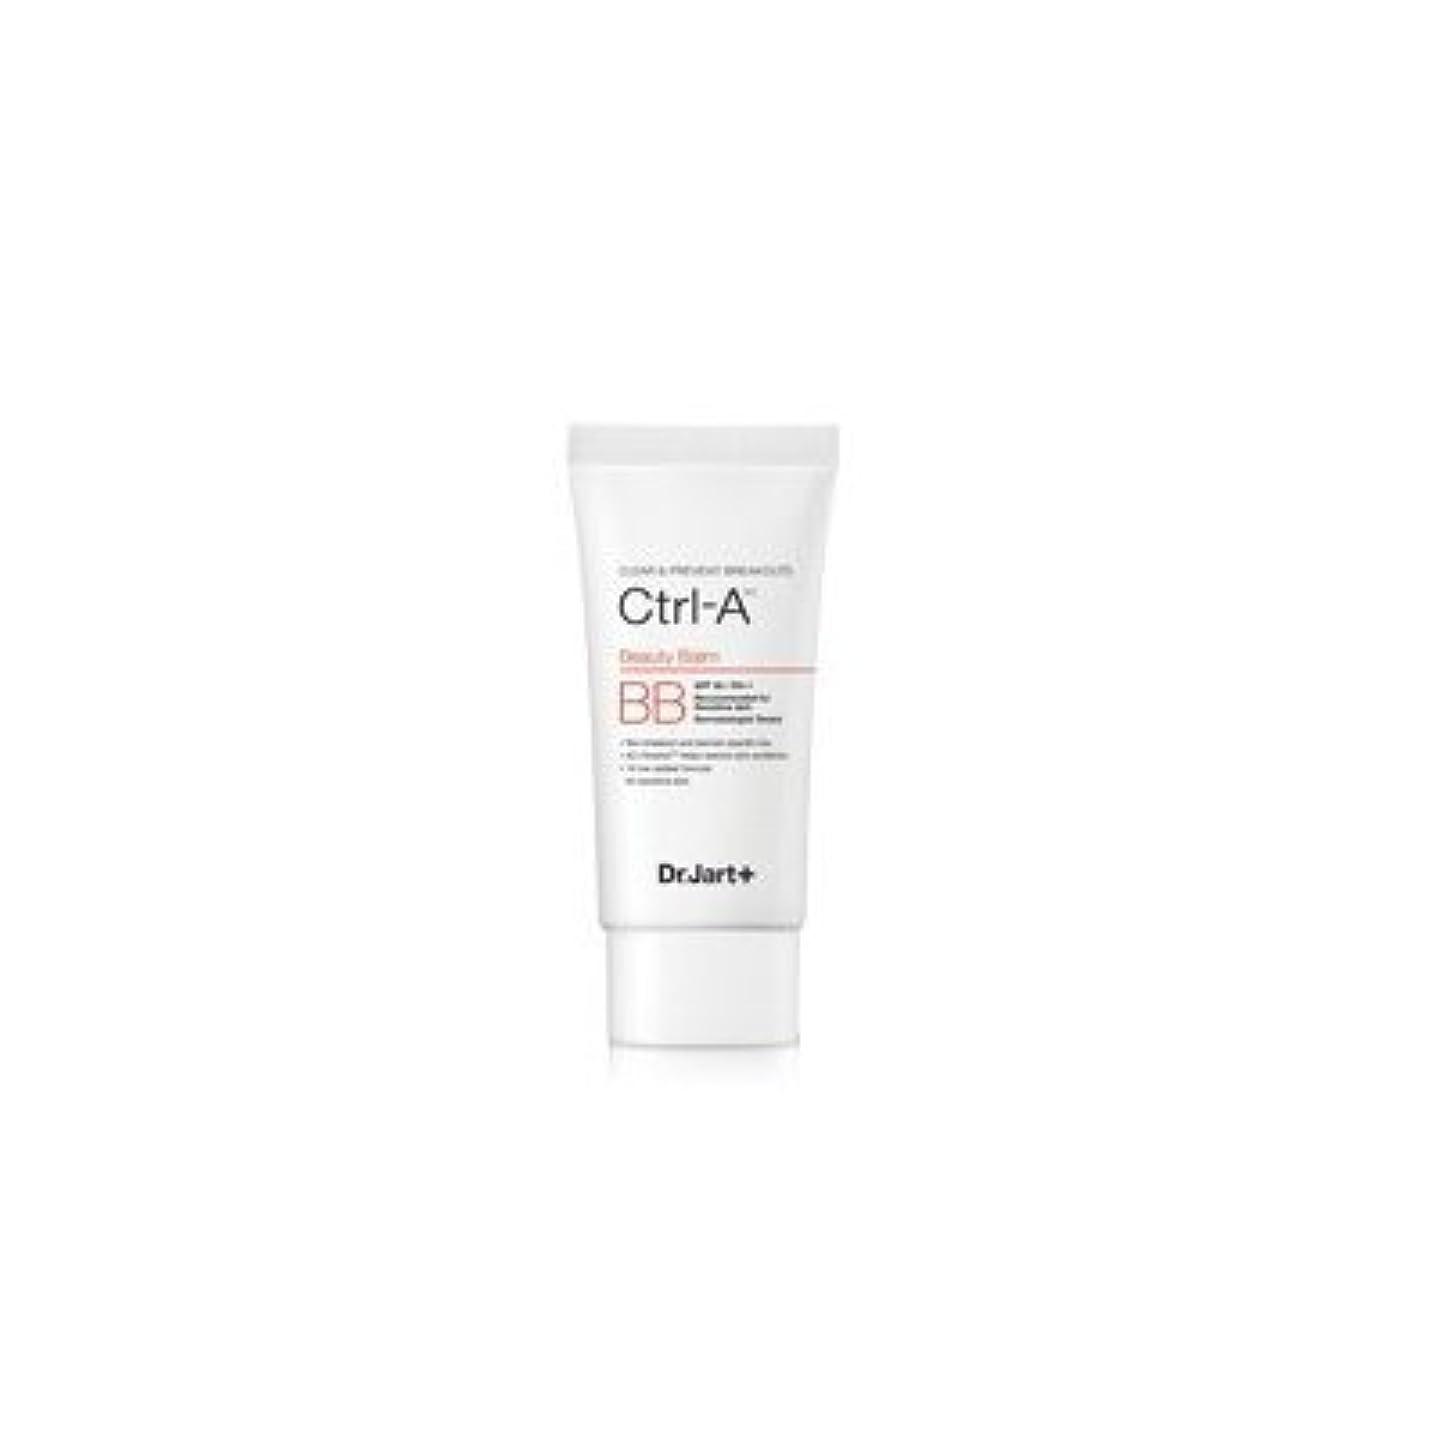 電子水曜日転送KOREAN COSMETICS, Dr.jart + _Ctrl-A Beauty Balm 40ml (Mild BB cream for sensitive skin, UV protection SPF30/PA...